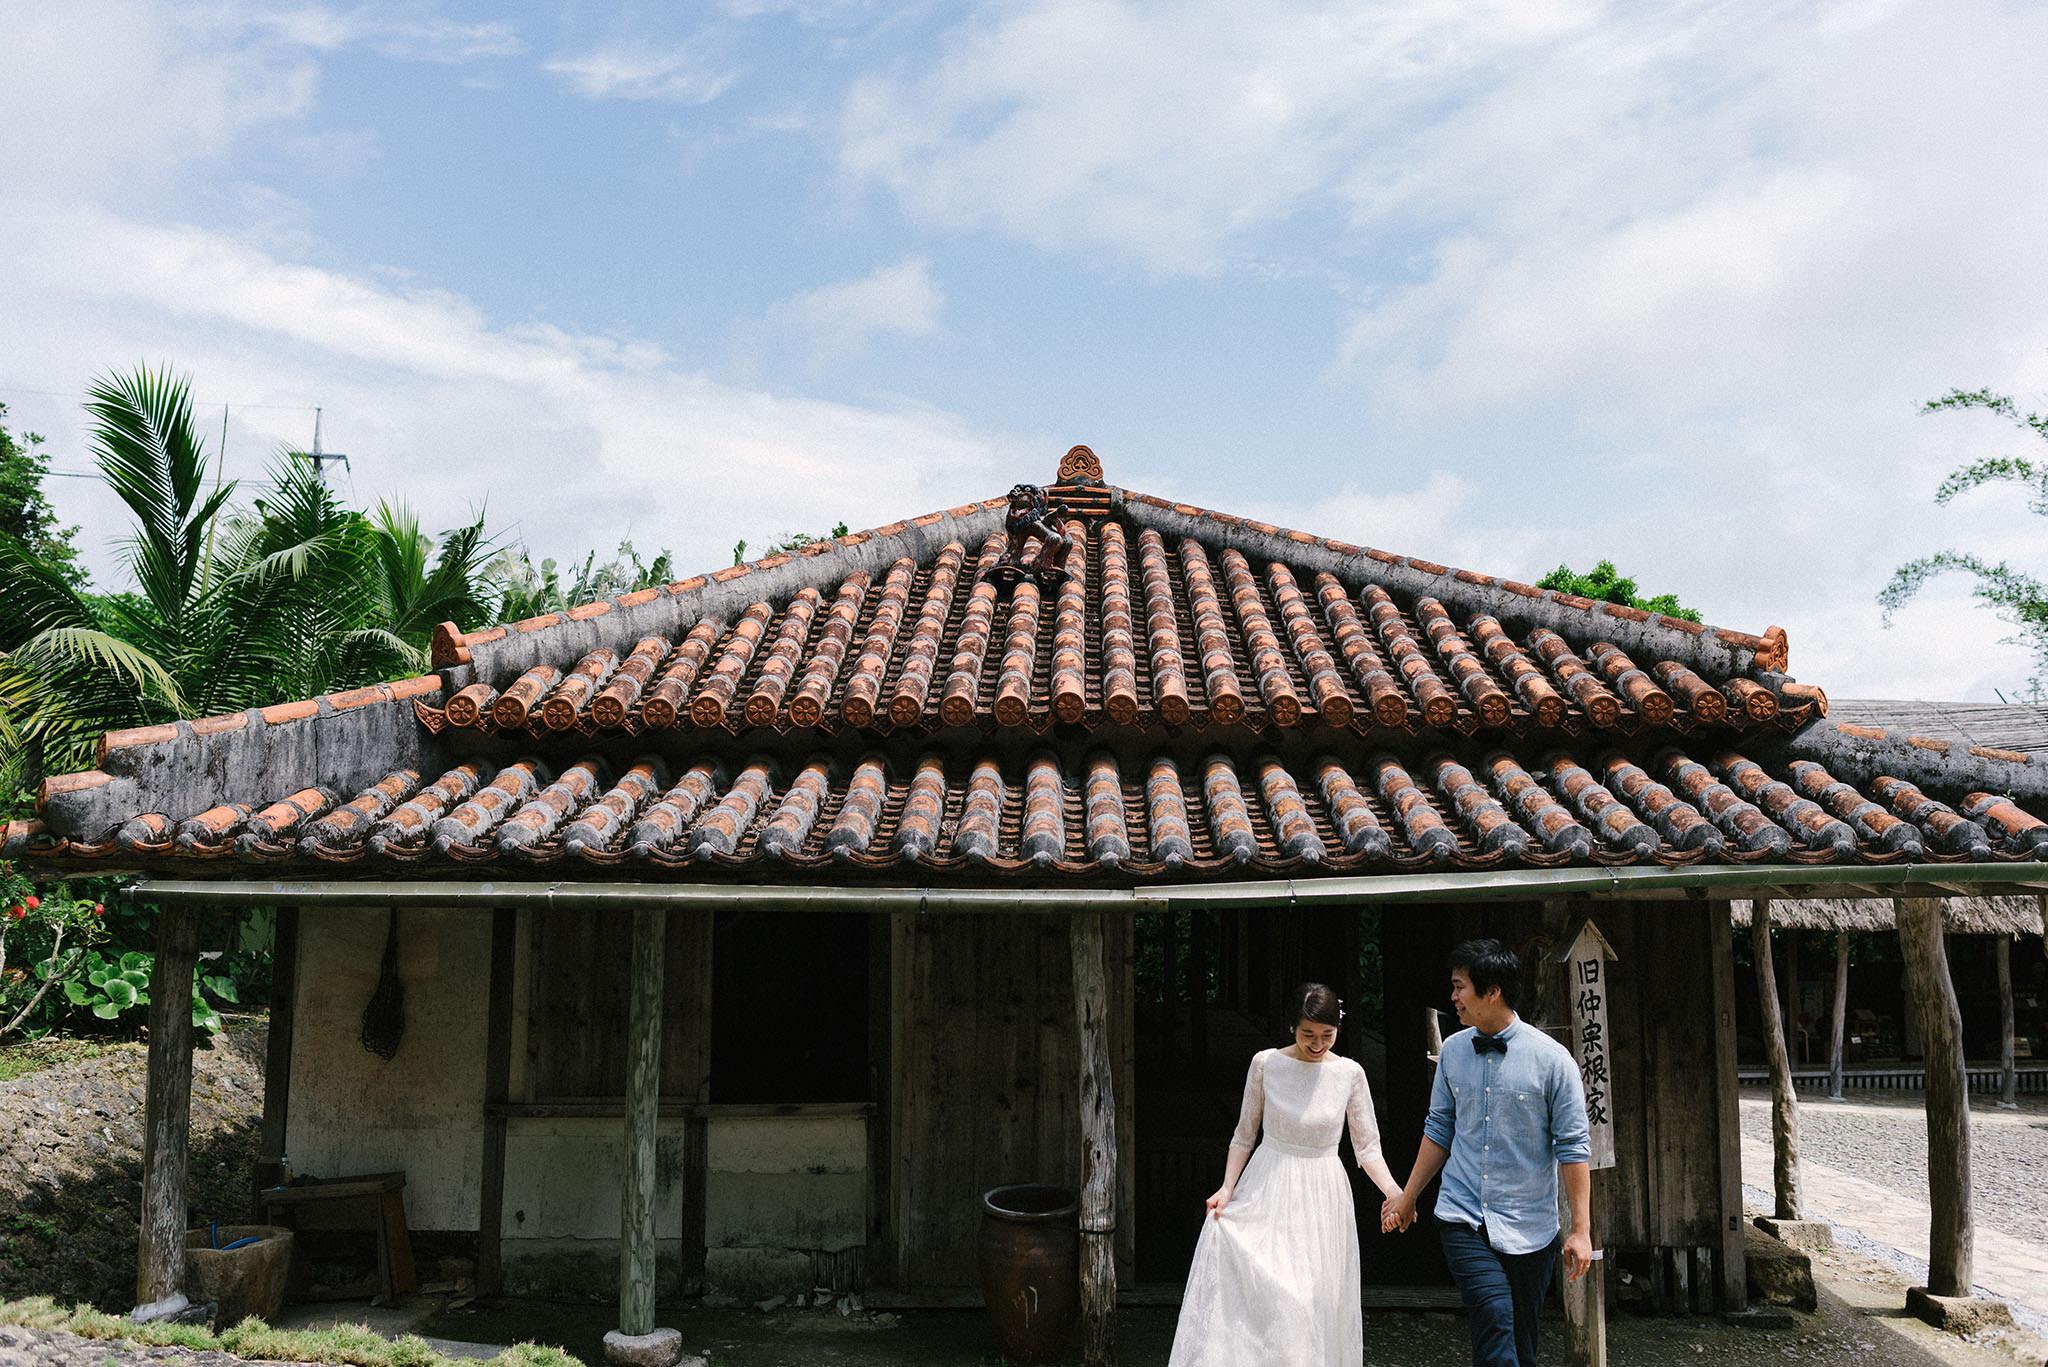 琉球村には沖縄らしい背景とともに撮影ができる